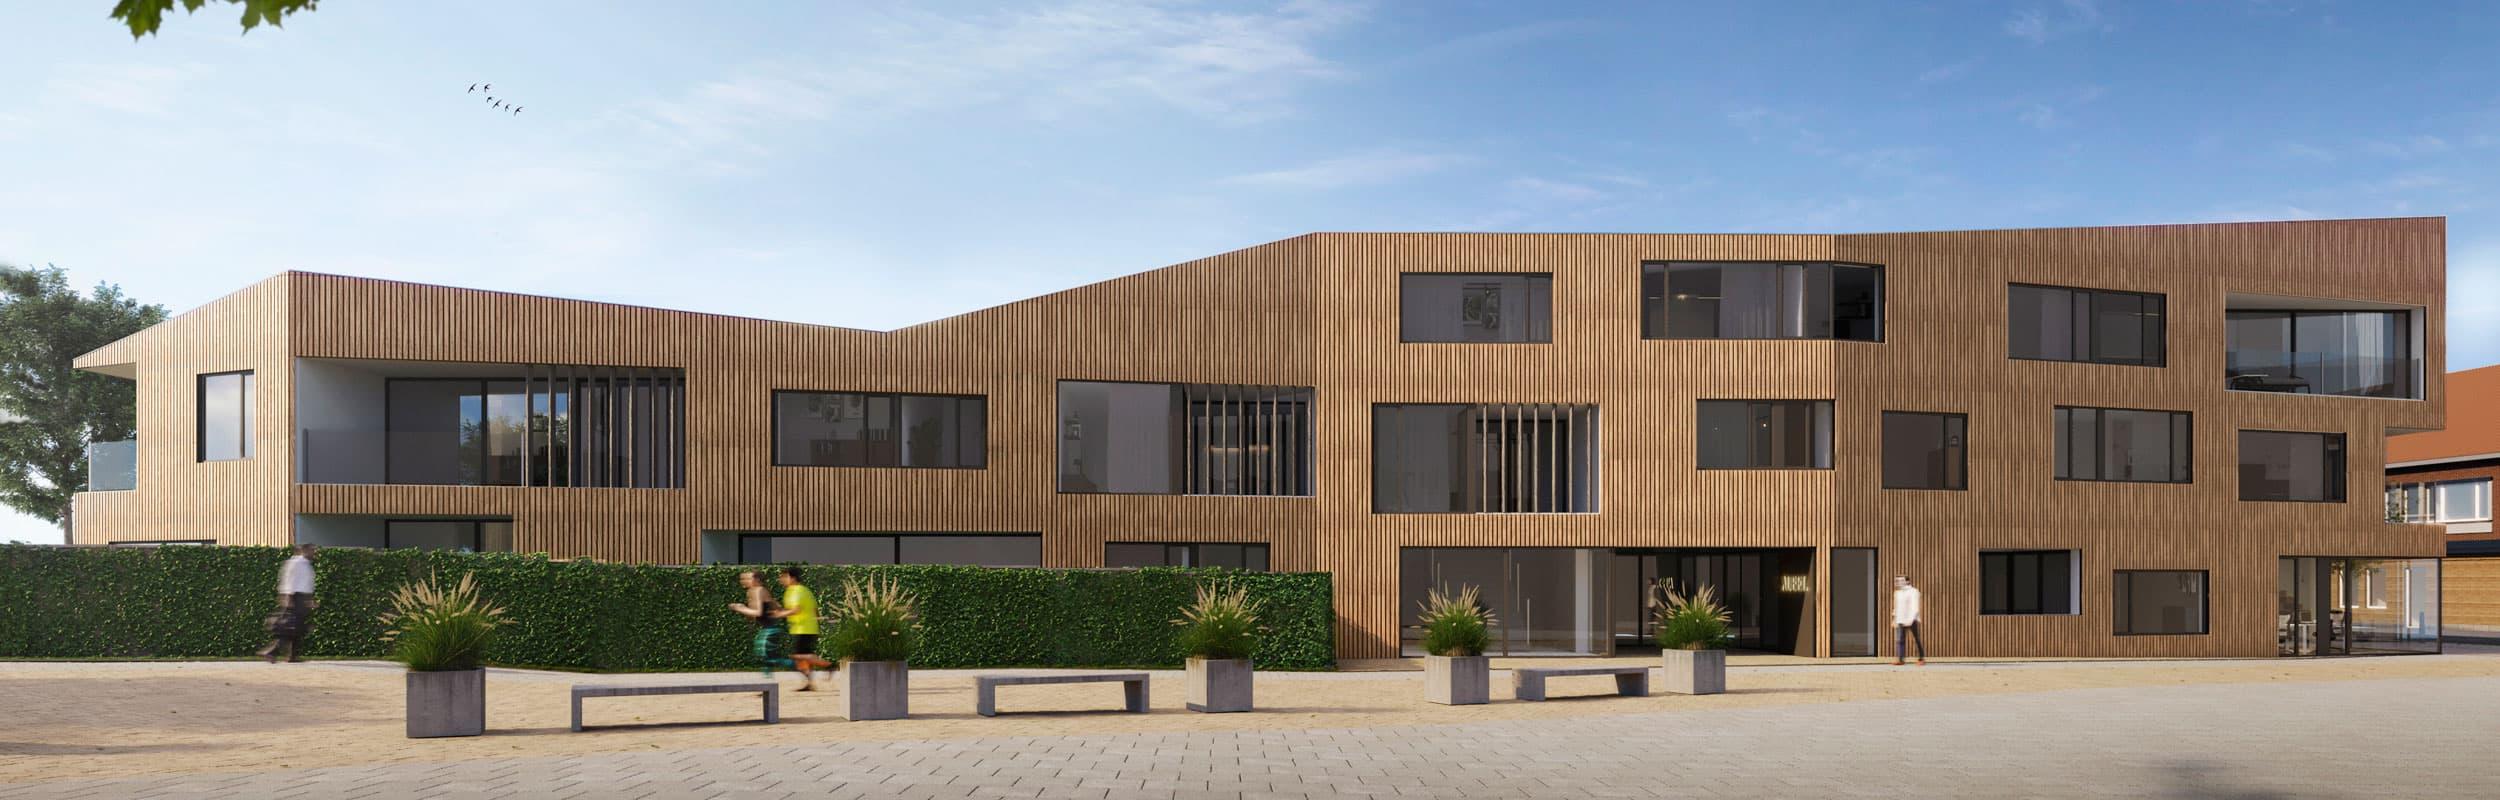 Appartementenbouw | Bremco BVBA